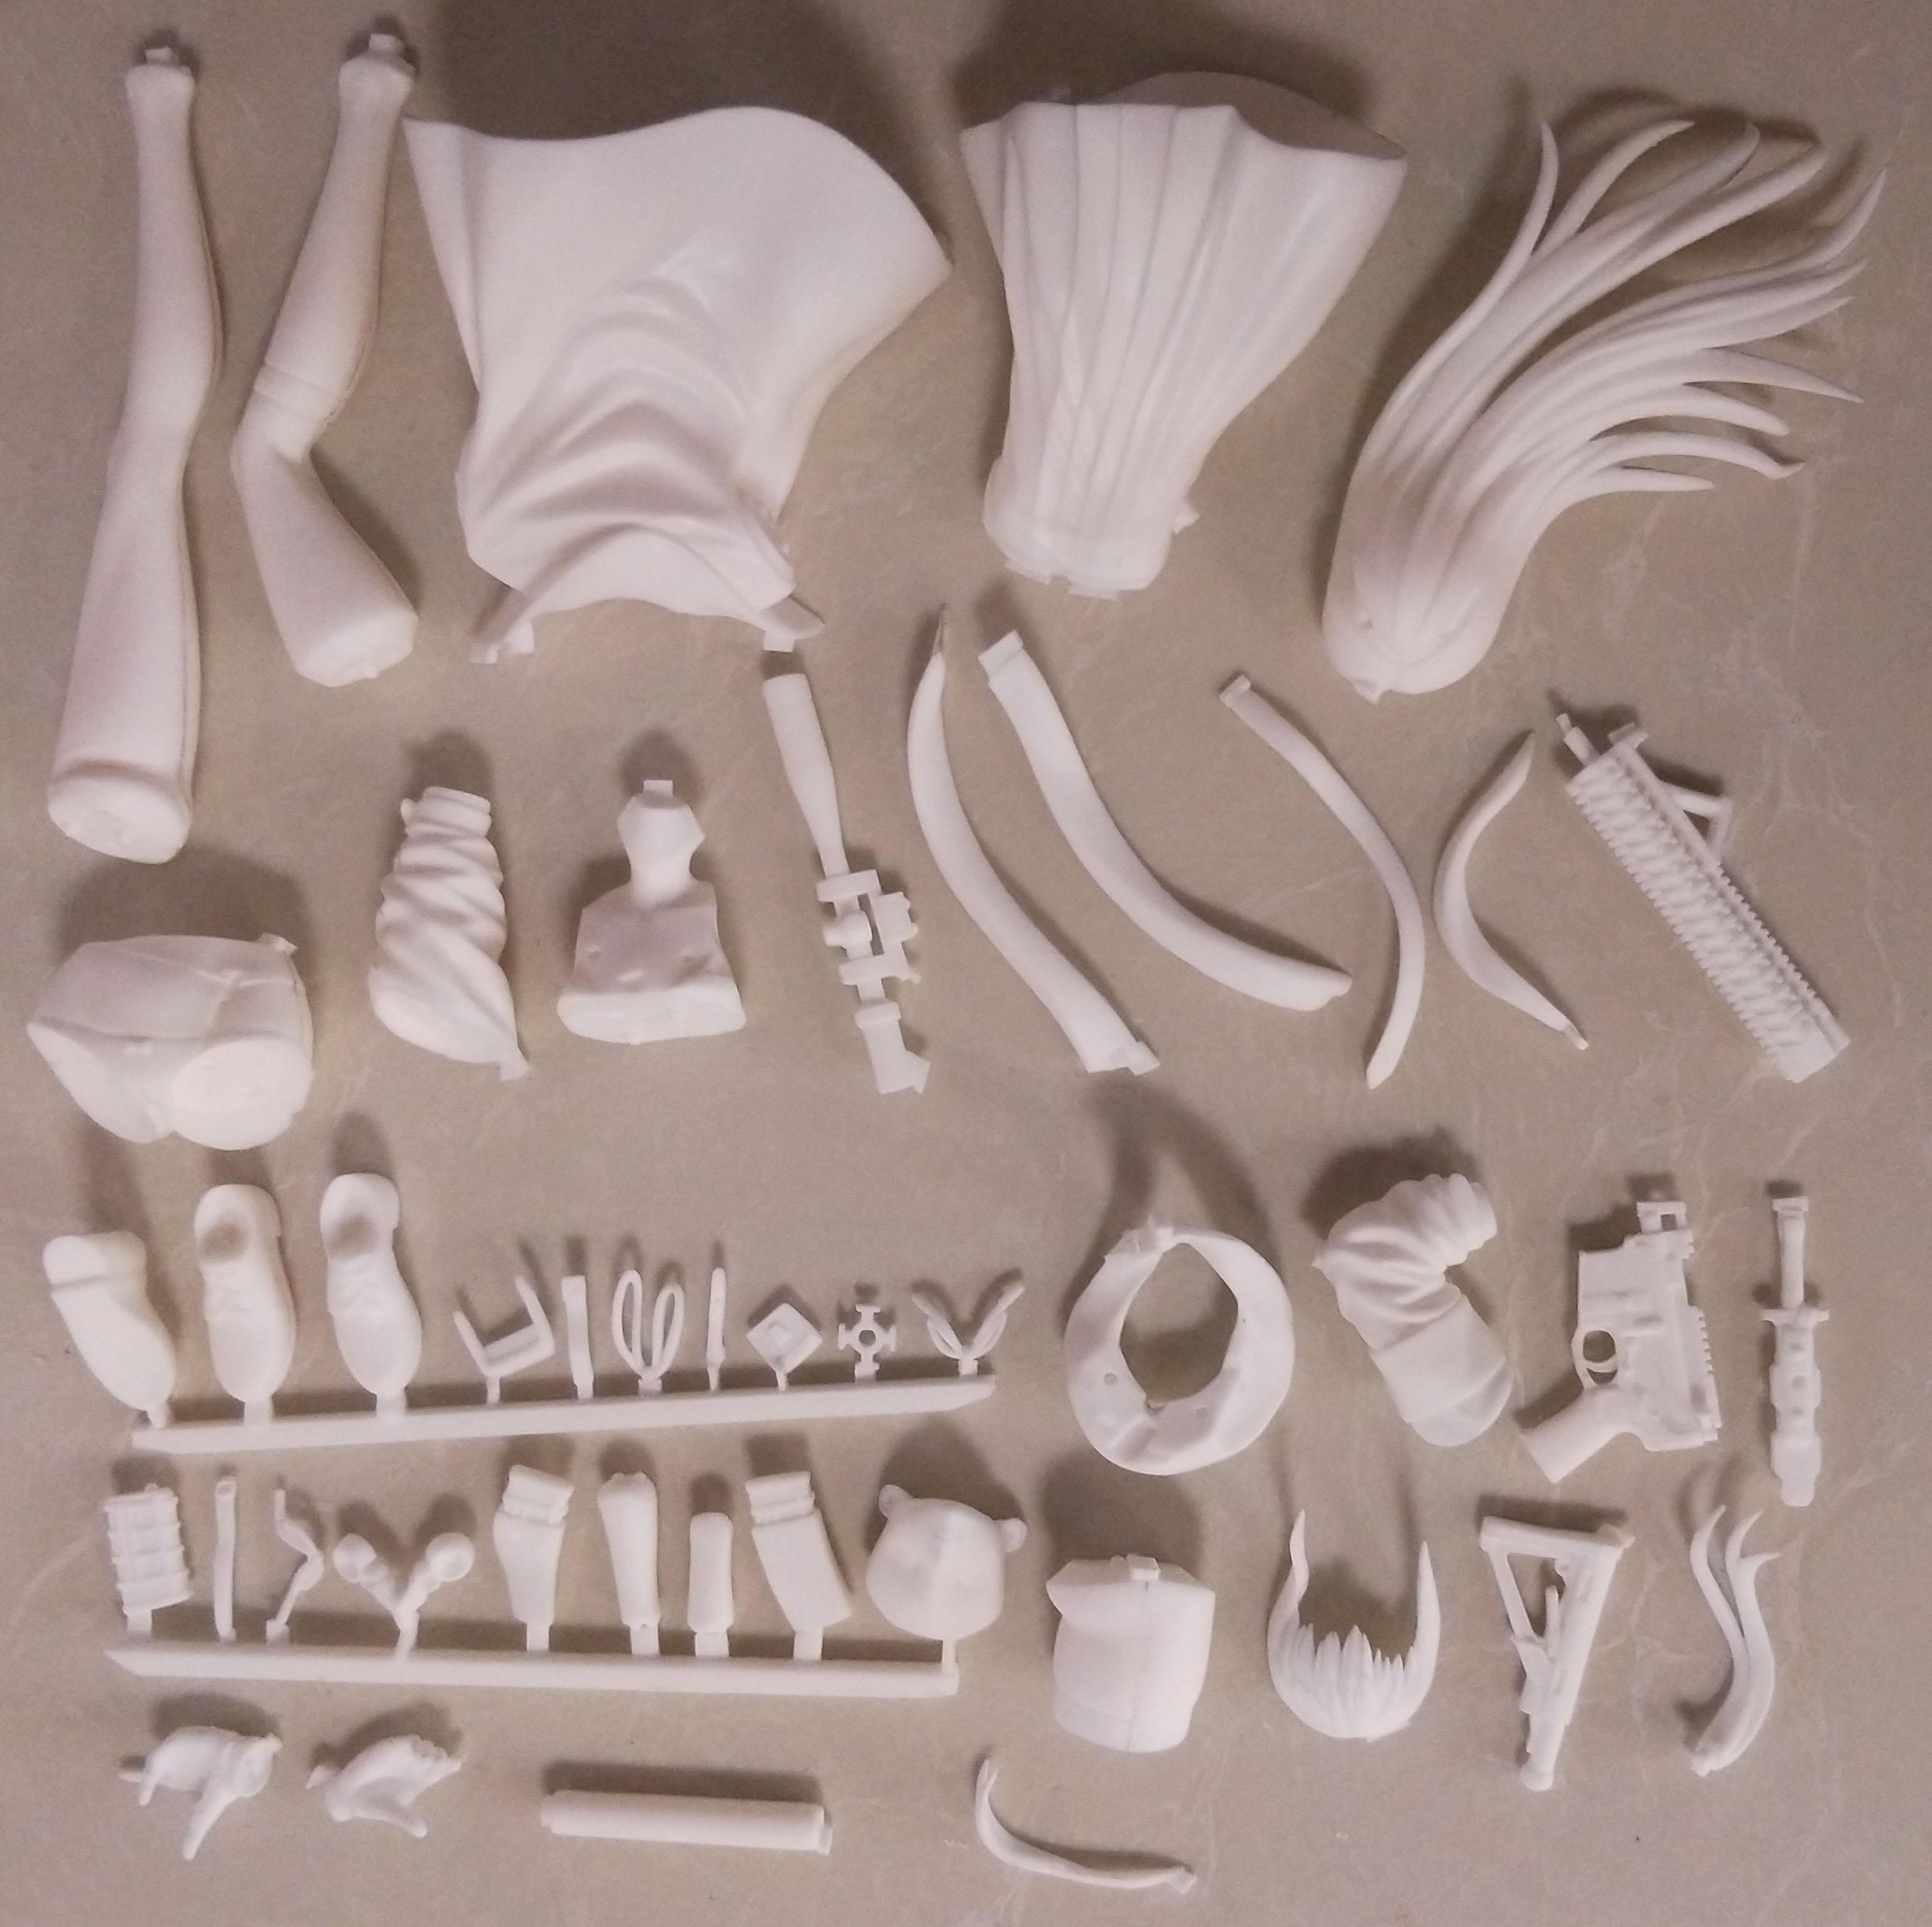 Resin Figure Kit Girl front lineST AR-15 Garage Kit Unpainted Garage Resin Model Kit